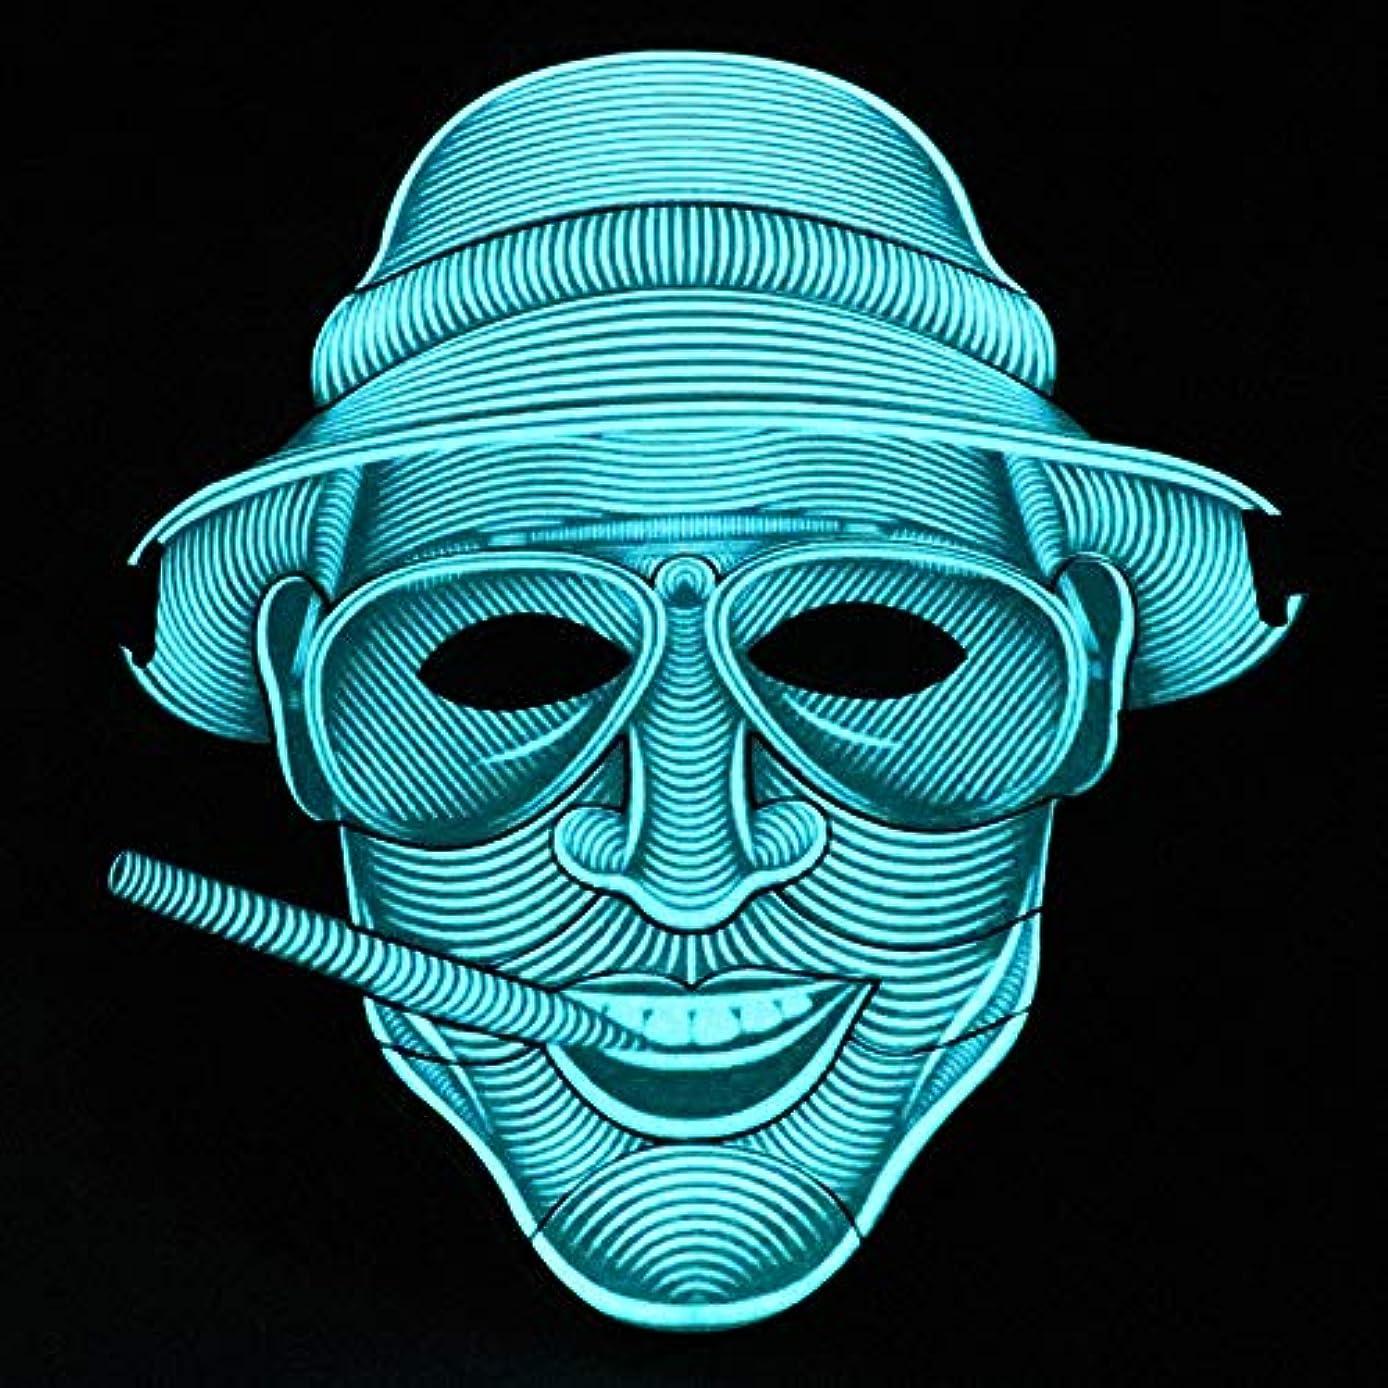 おもしろい政府プレミアム照らされたマスクLED創造的な冷光音響制御マスクハロウィンバーフェスティバルダンスマスク (Color : #5)